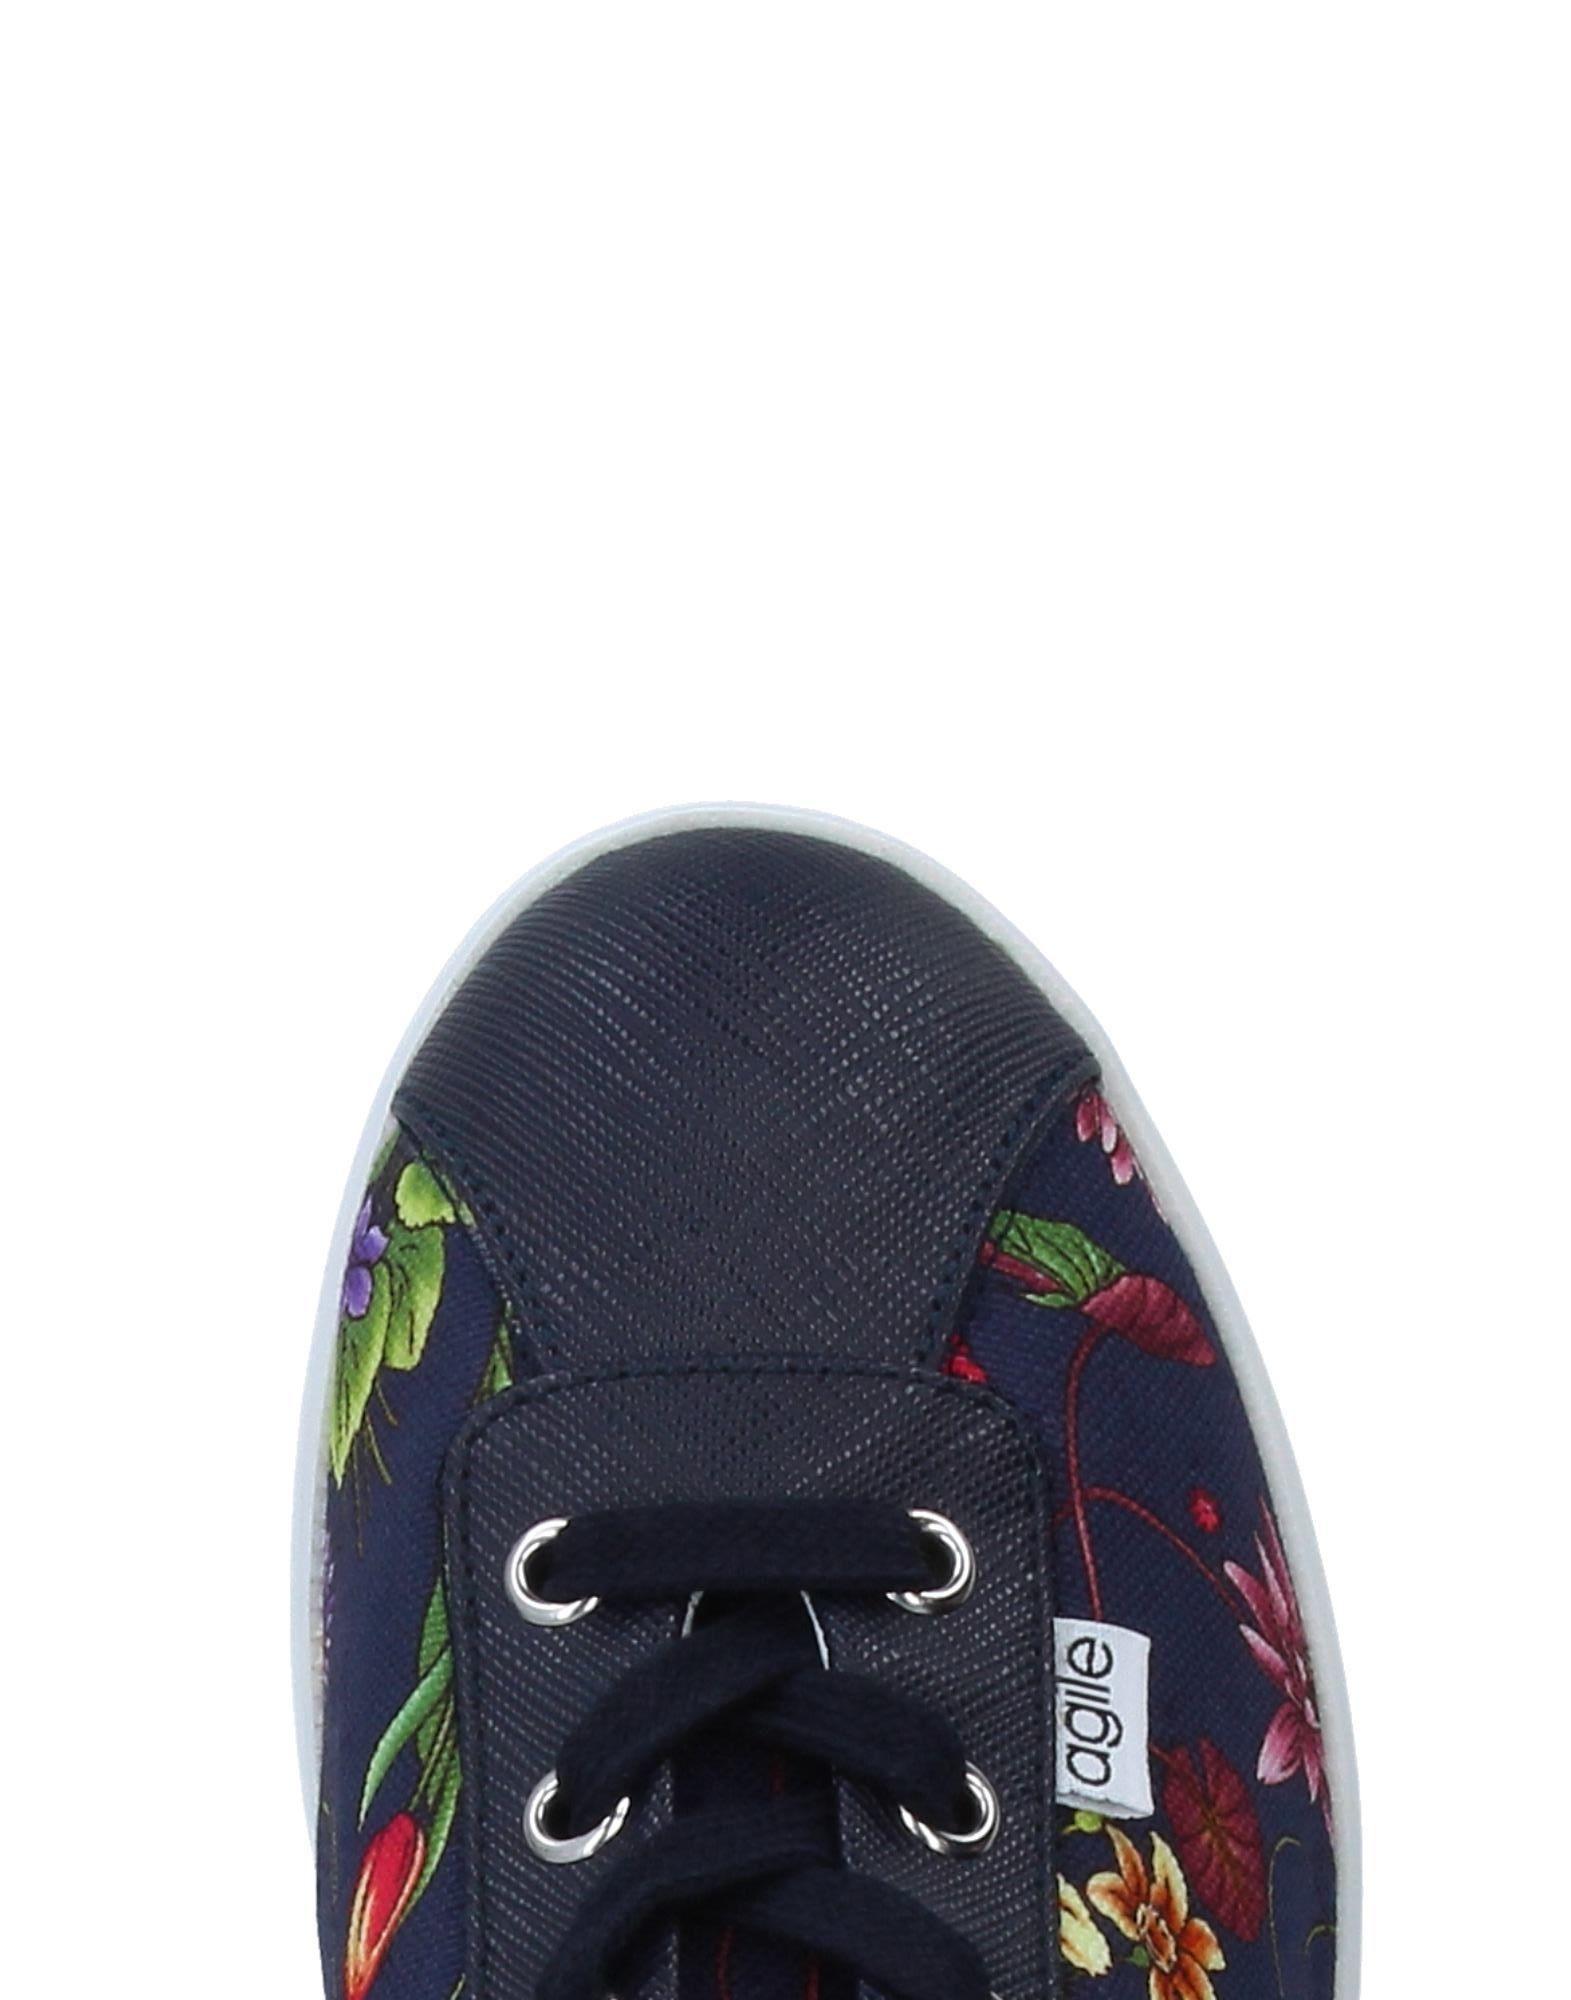 Agile By Rucoline Sneakers Schuhe Damen  11334537LV Neue Schuhe Sneakers 1d6da3